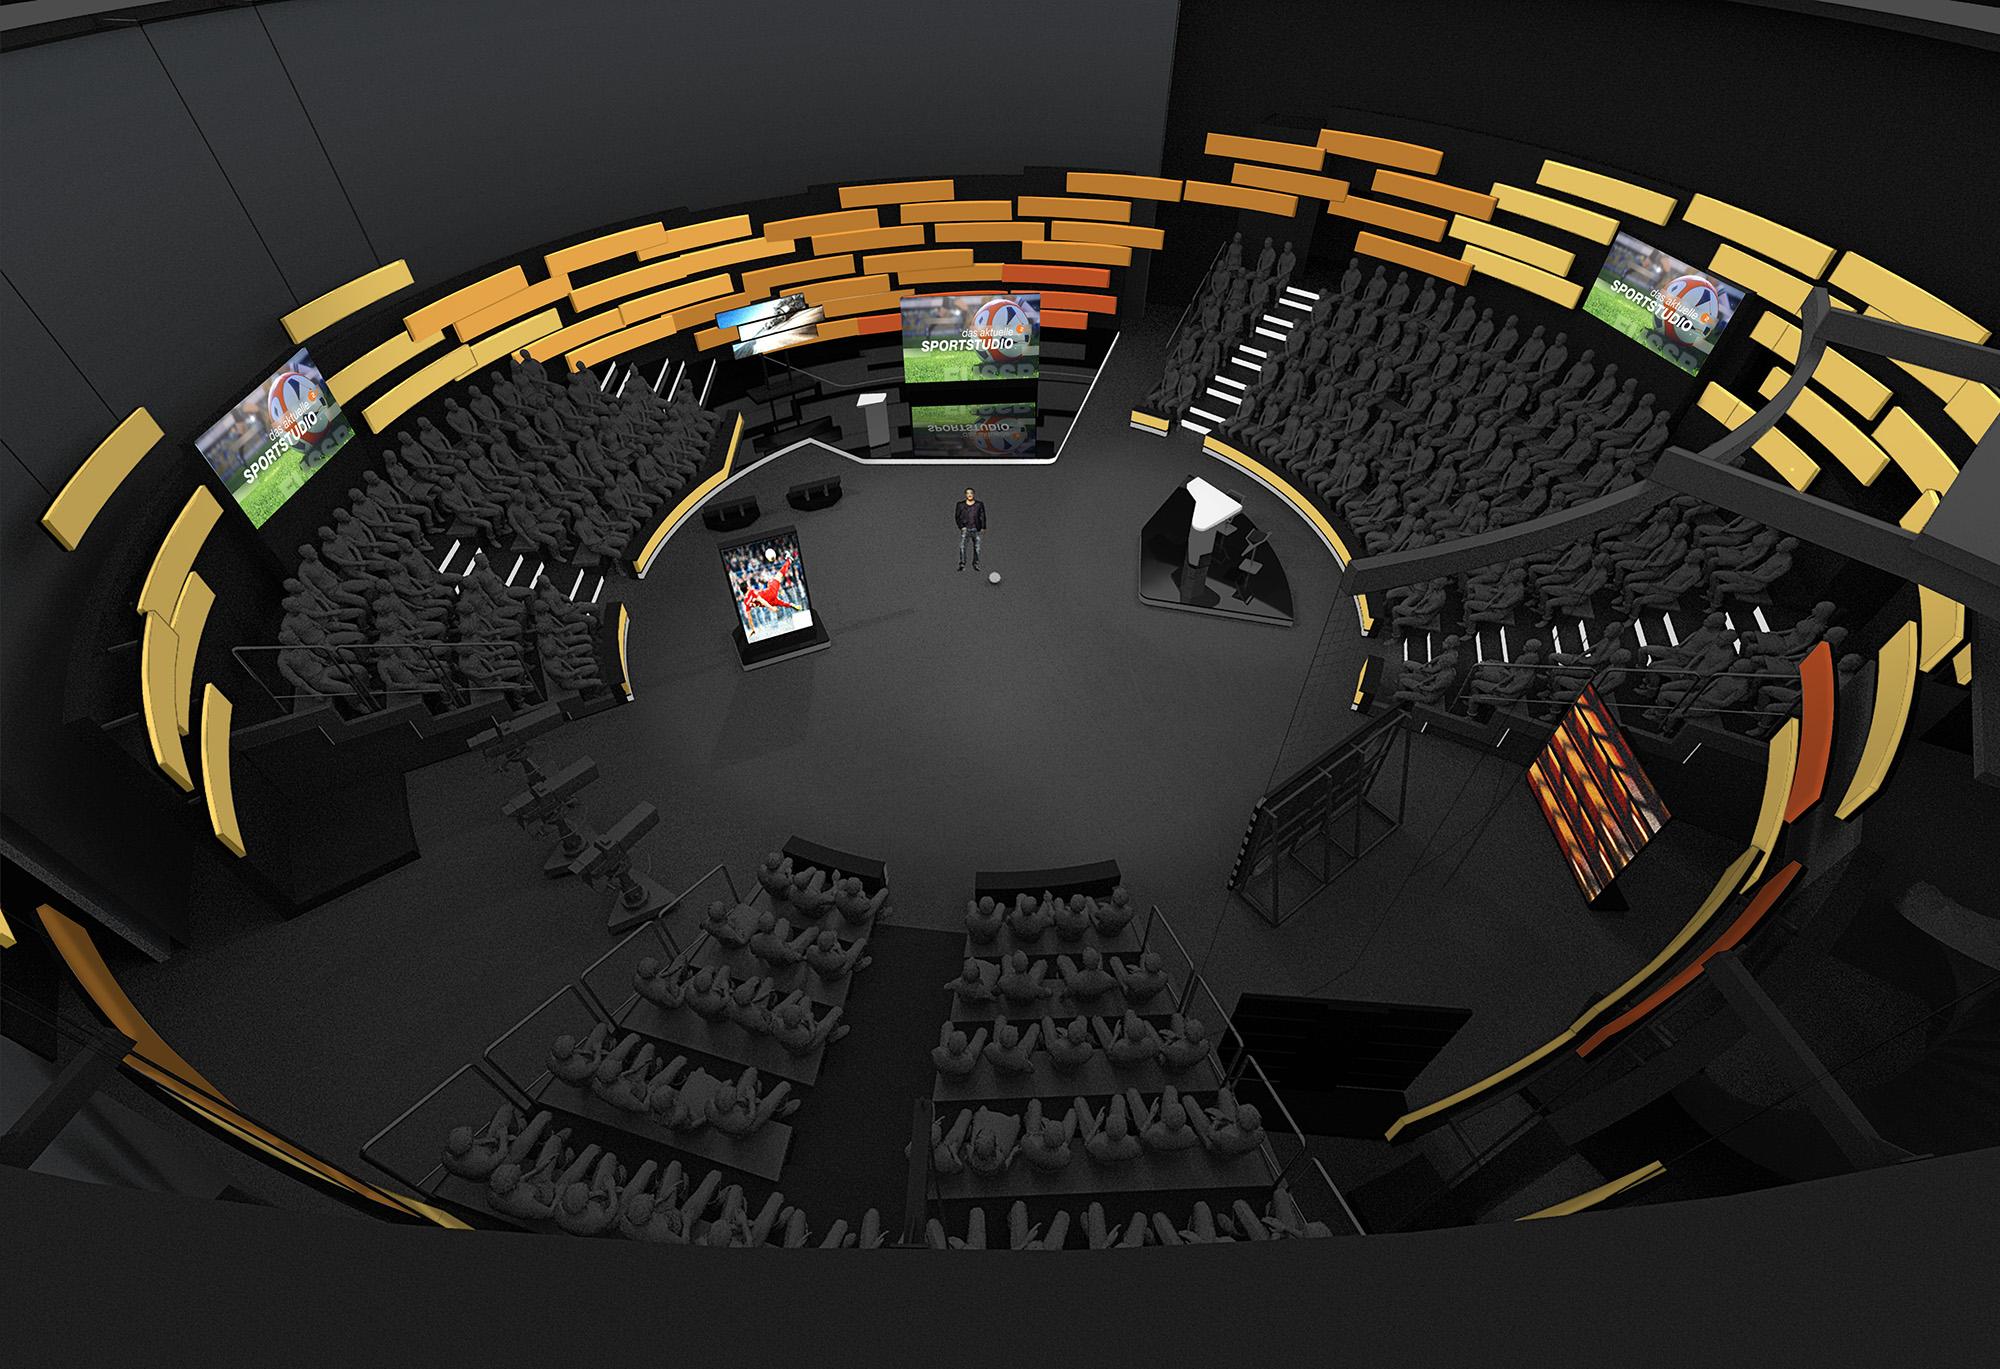 Gestalterisches Kernelement des Studio-Set Re-Designs ist ein Schwarm aus eigens entwickelten LED-Modulen.